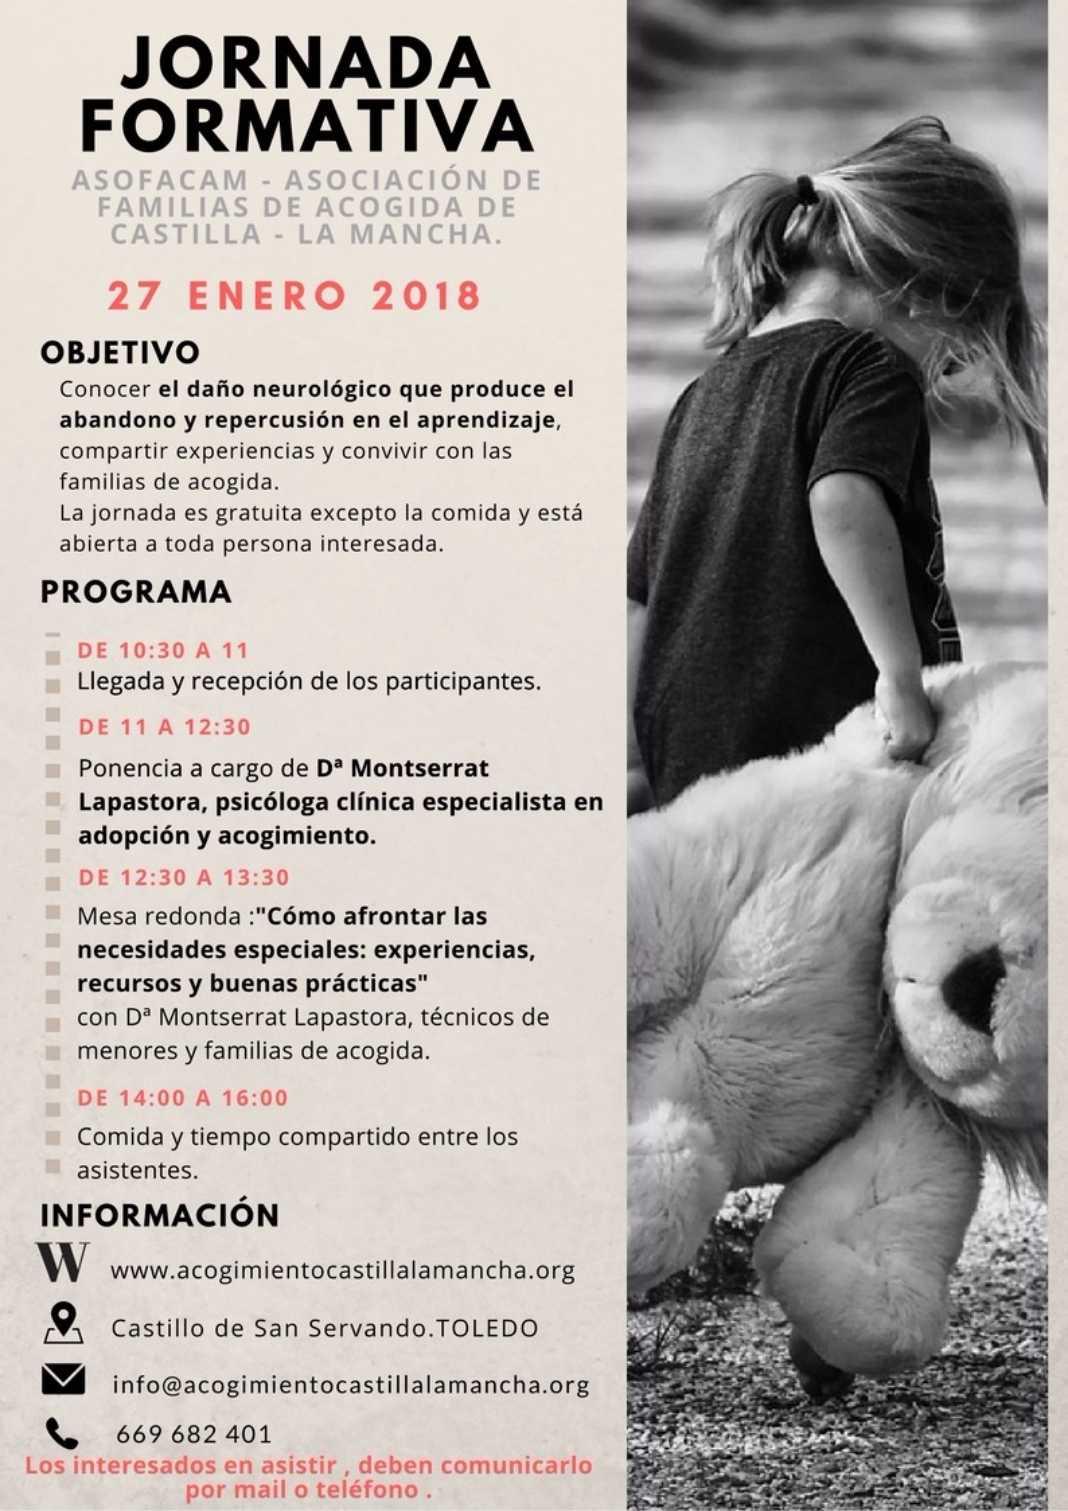 jornada formativa de FAMILIAS DE ACOGIDA DE CASTILLA LA MANCHA 1068x1511 - Jornada formativa para familias de acogida en Castilla-La Mancha